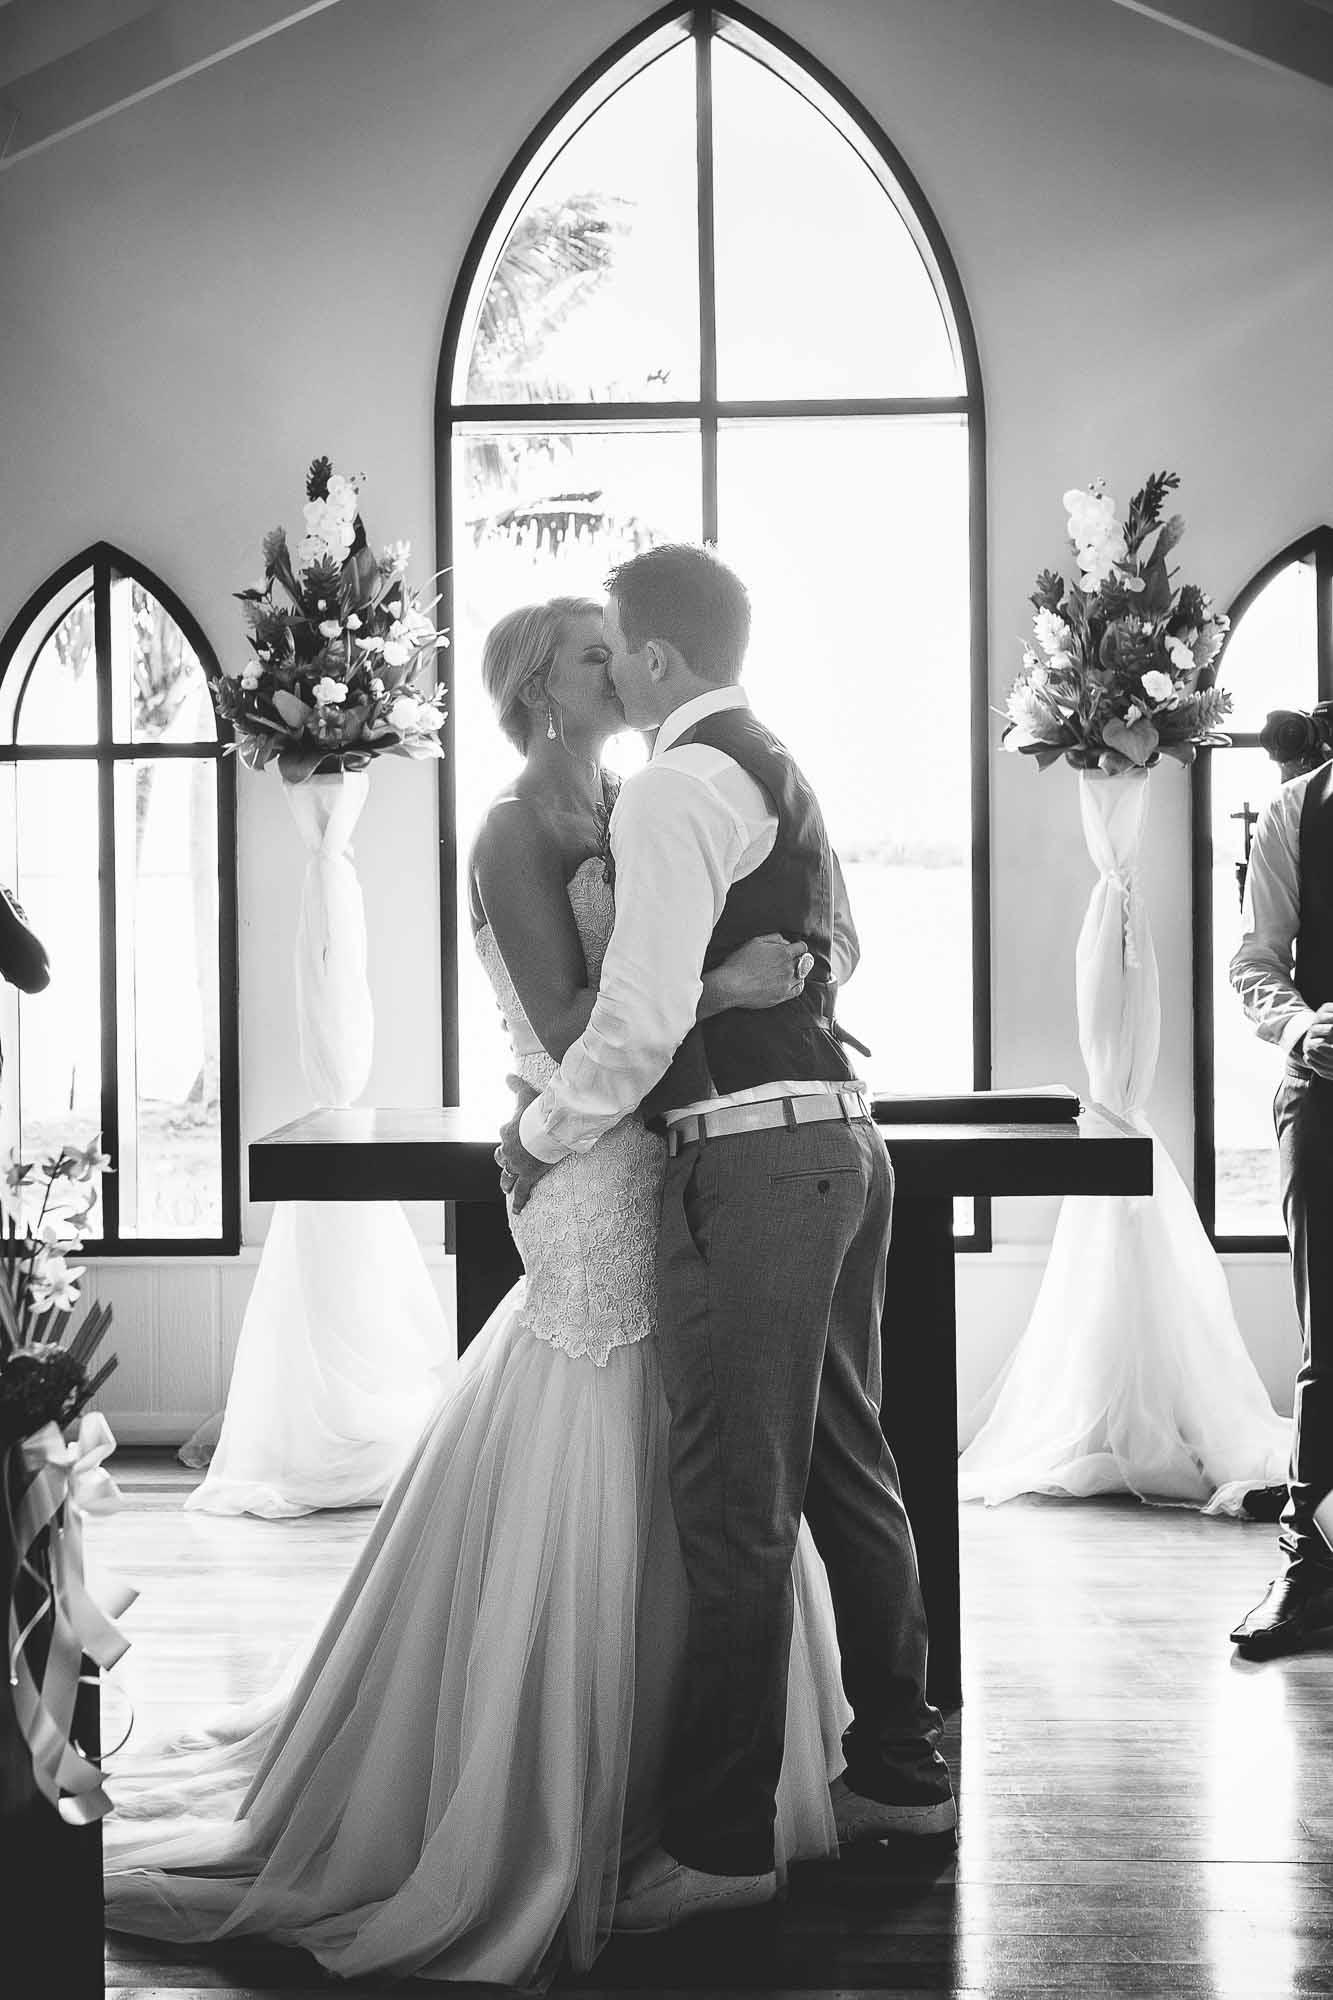 20-Annette-Andrew-Sofitel-Fiji-Wedding-28.jpg